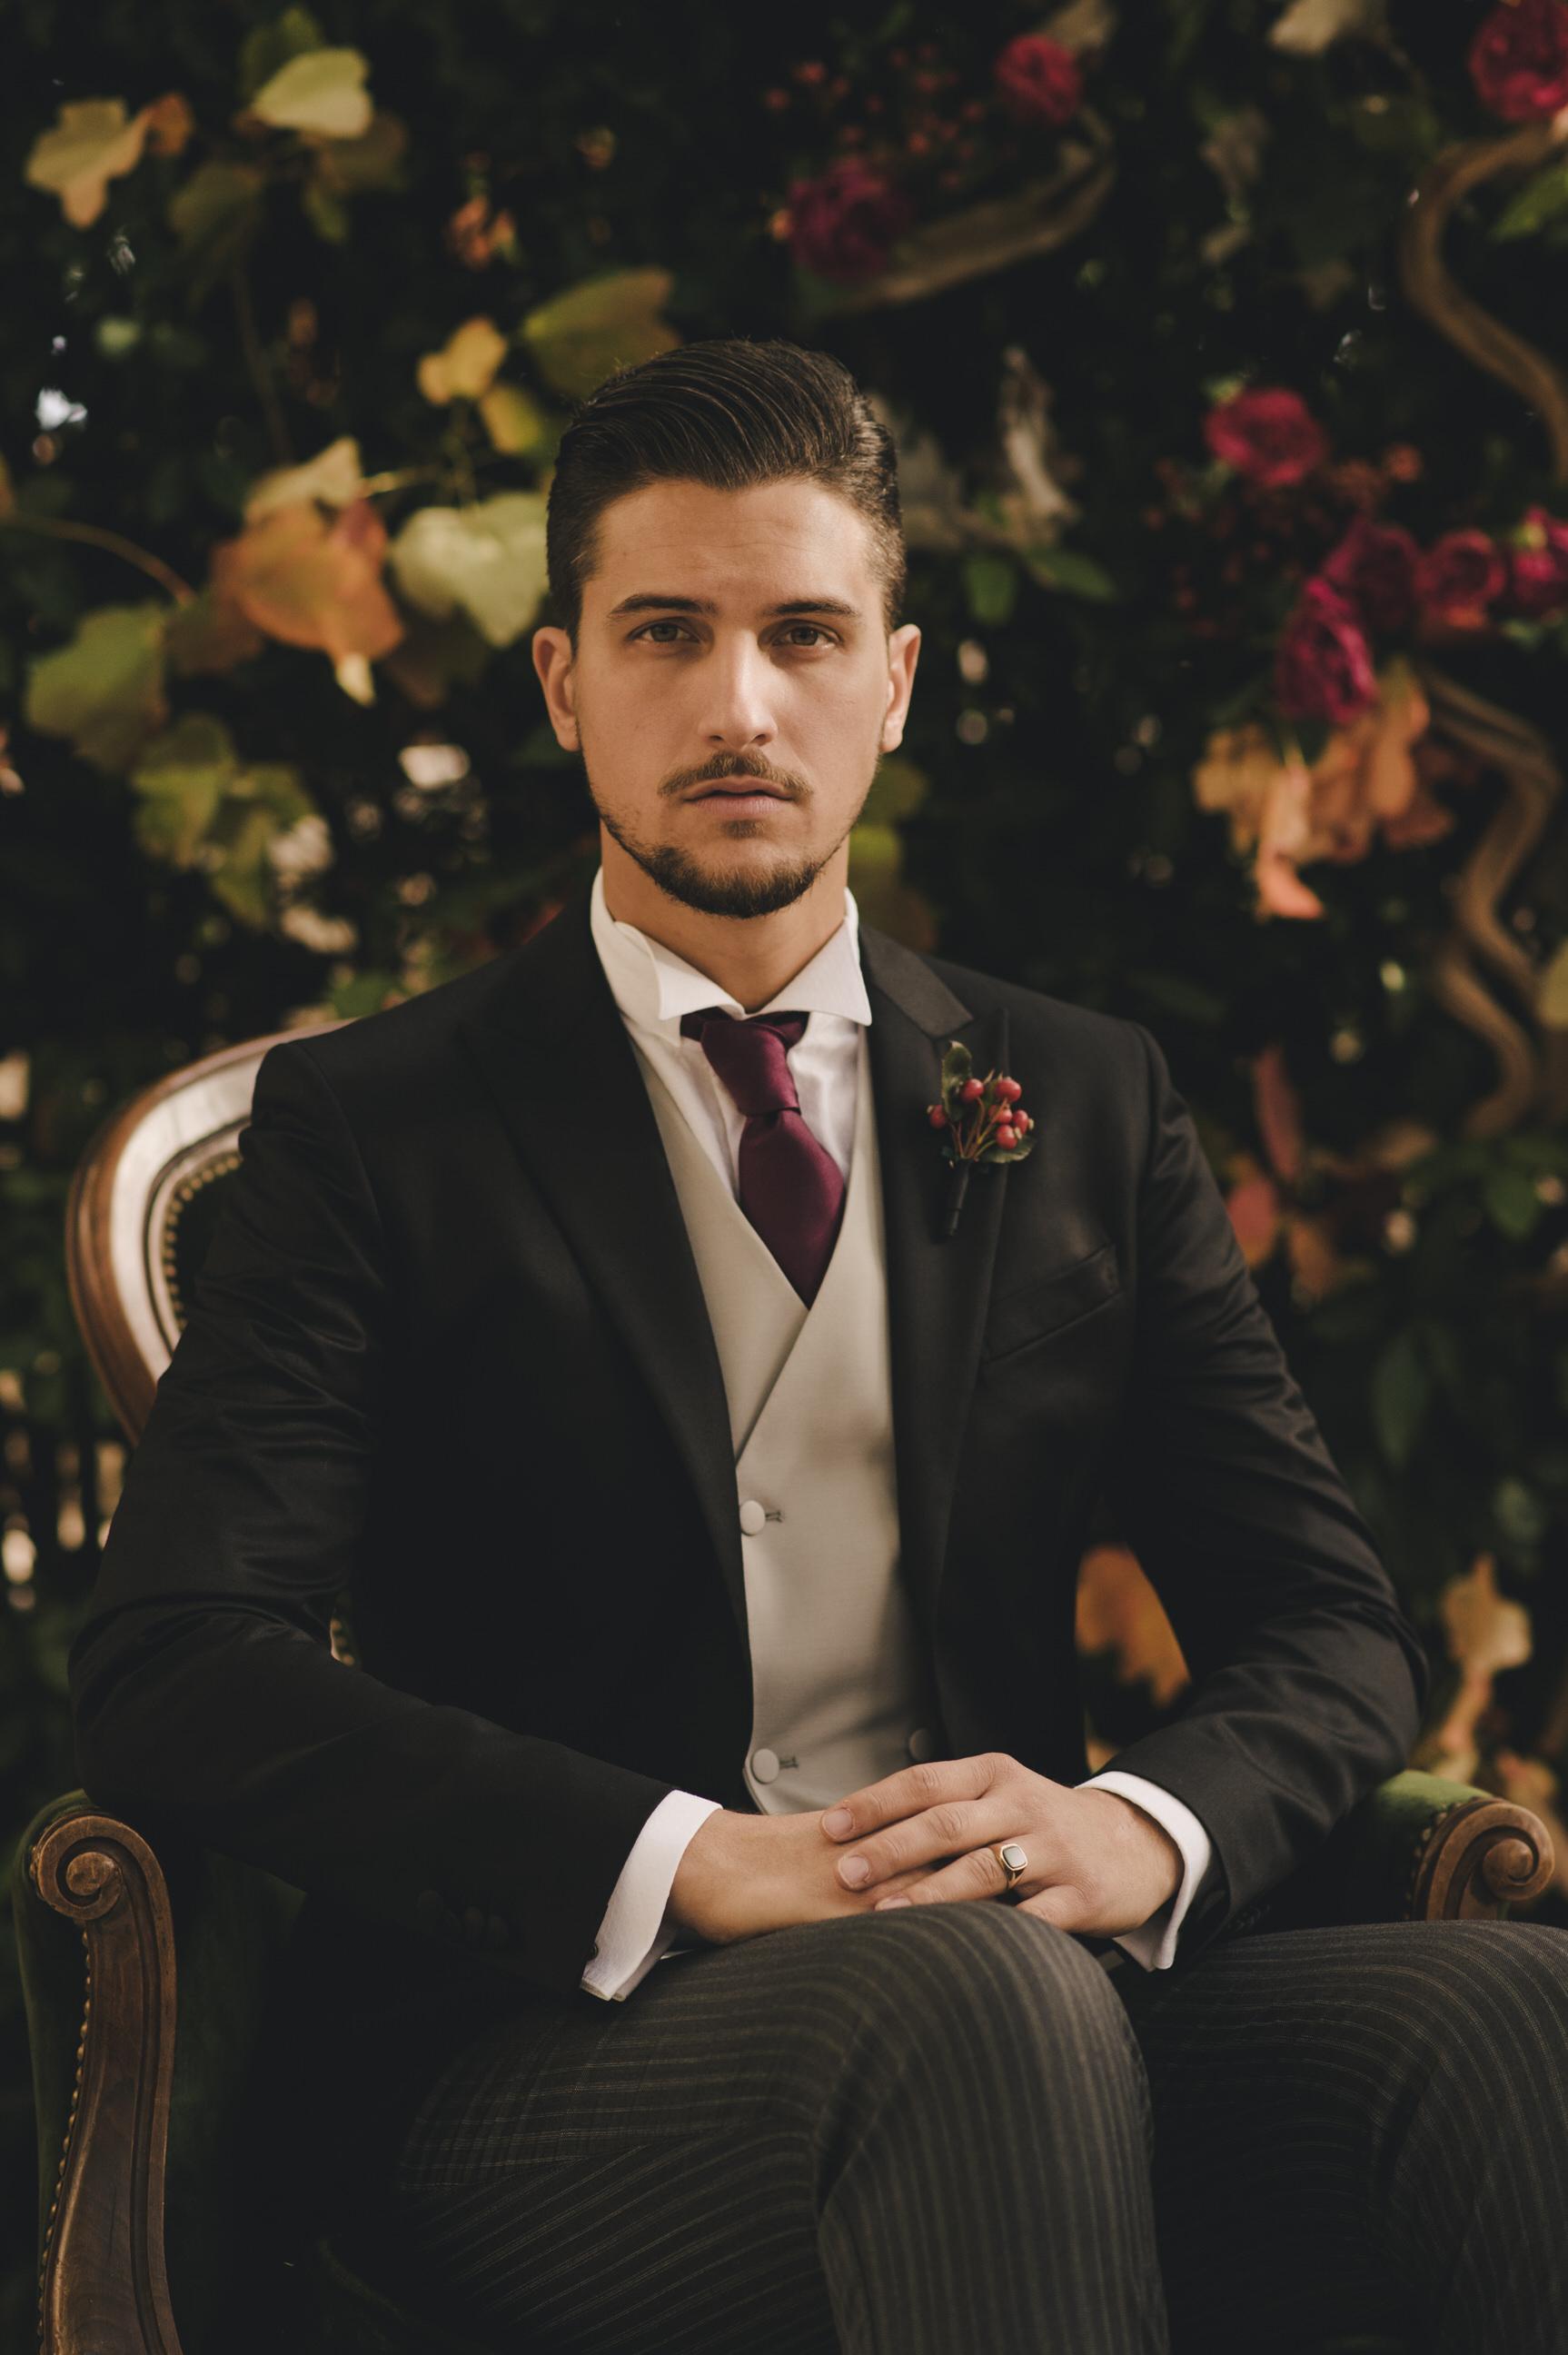 groom's portrait sitting on a green velvet chair